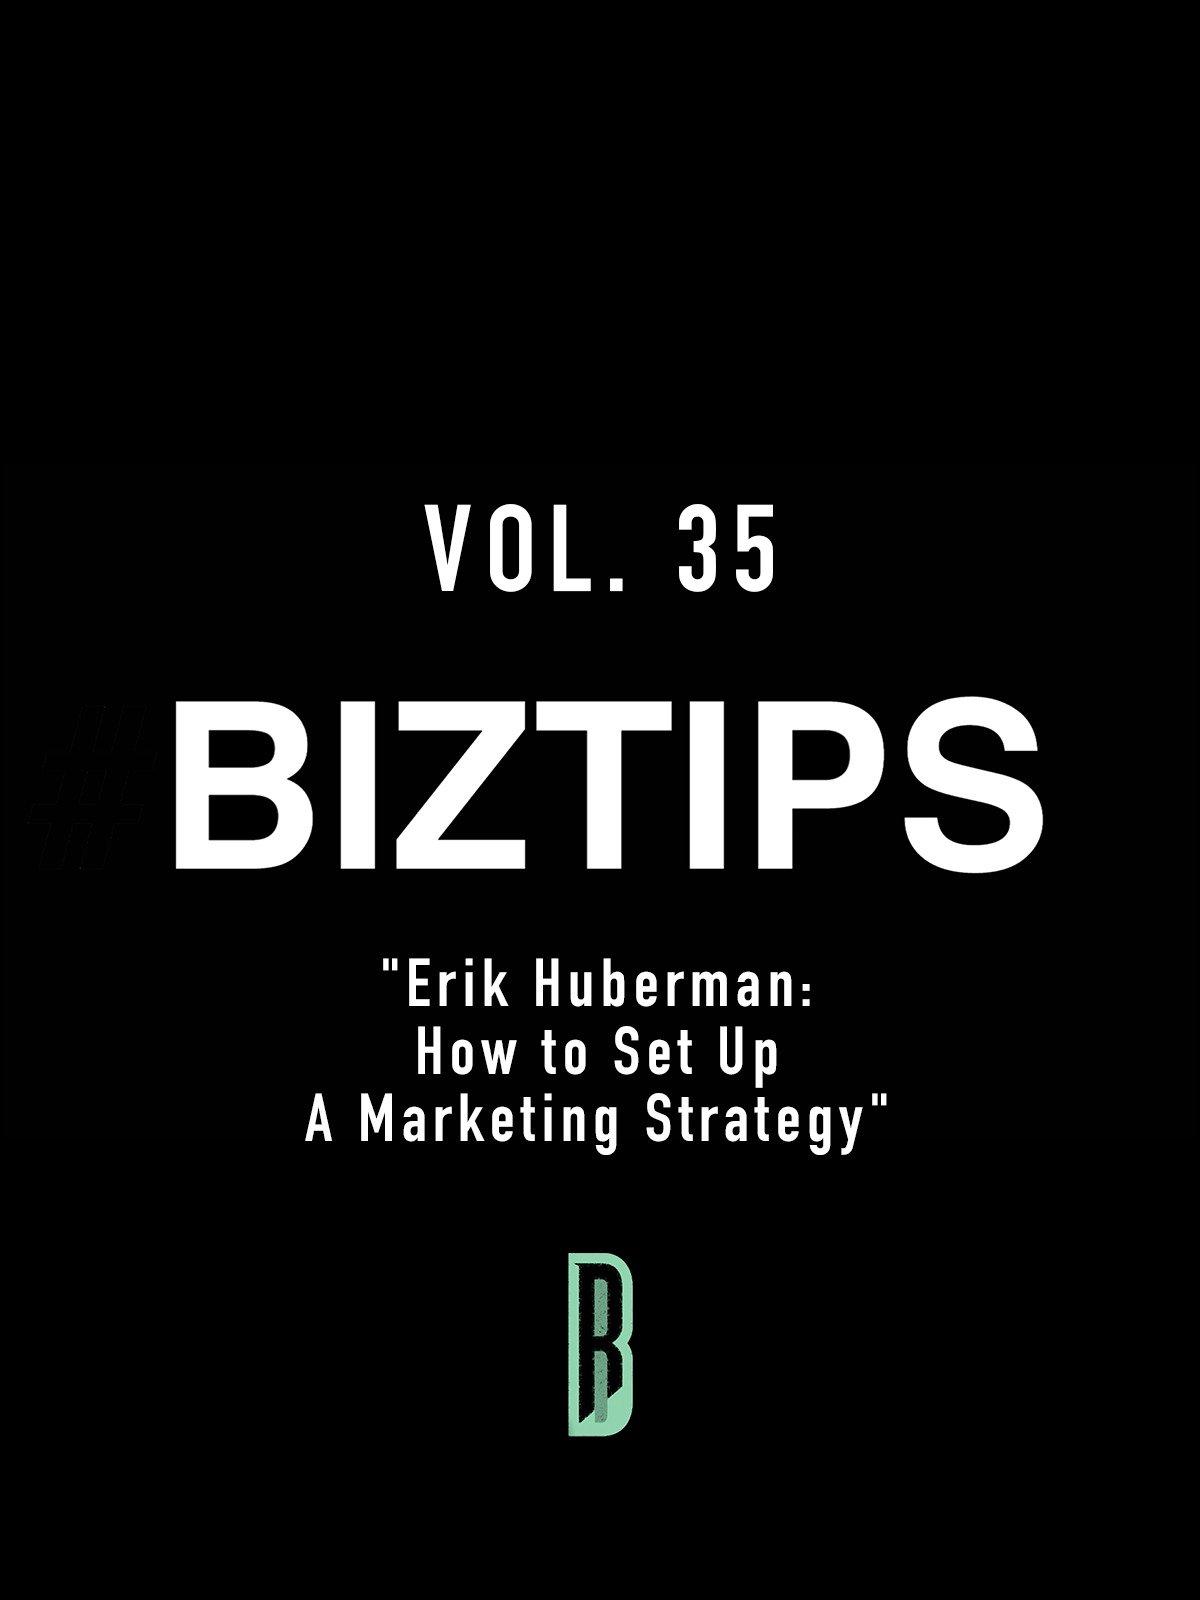 BizTips Vol. 35